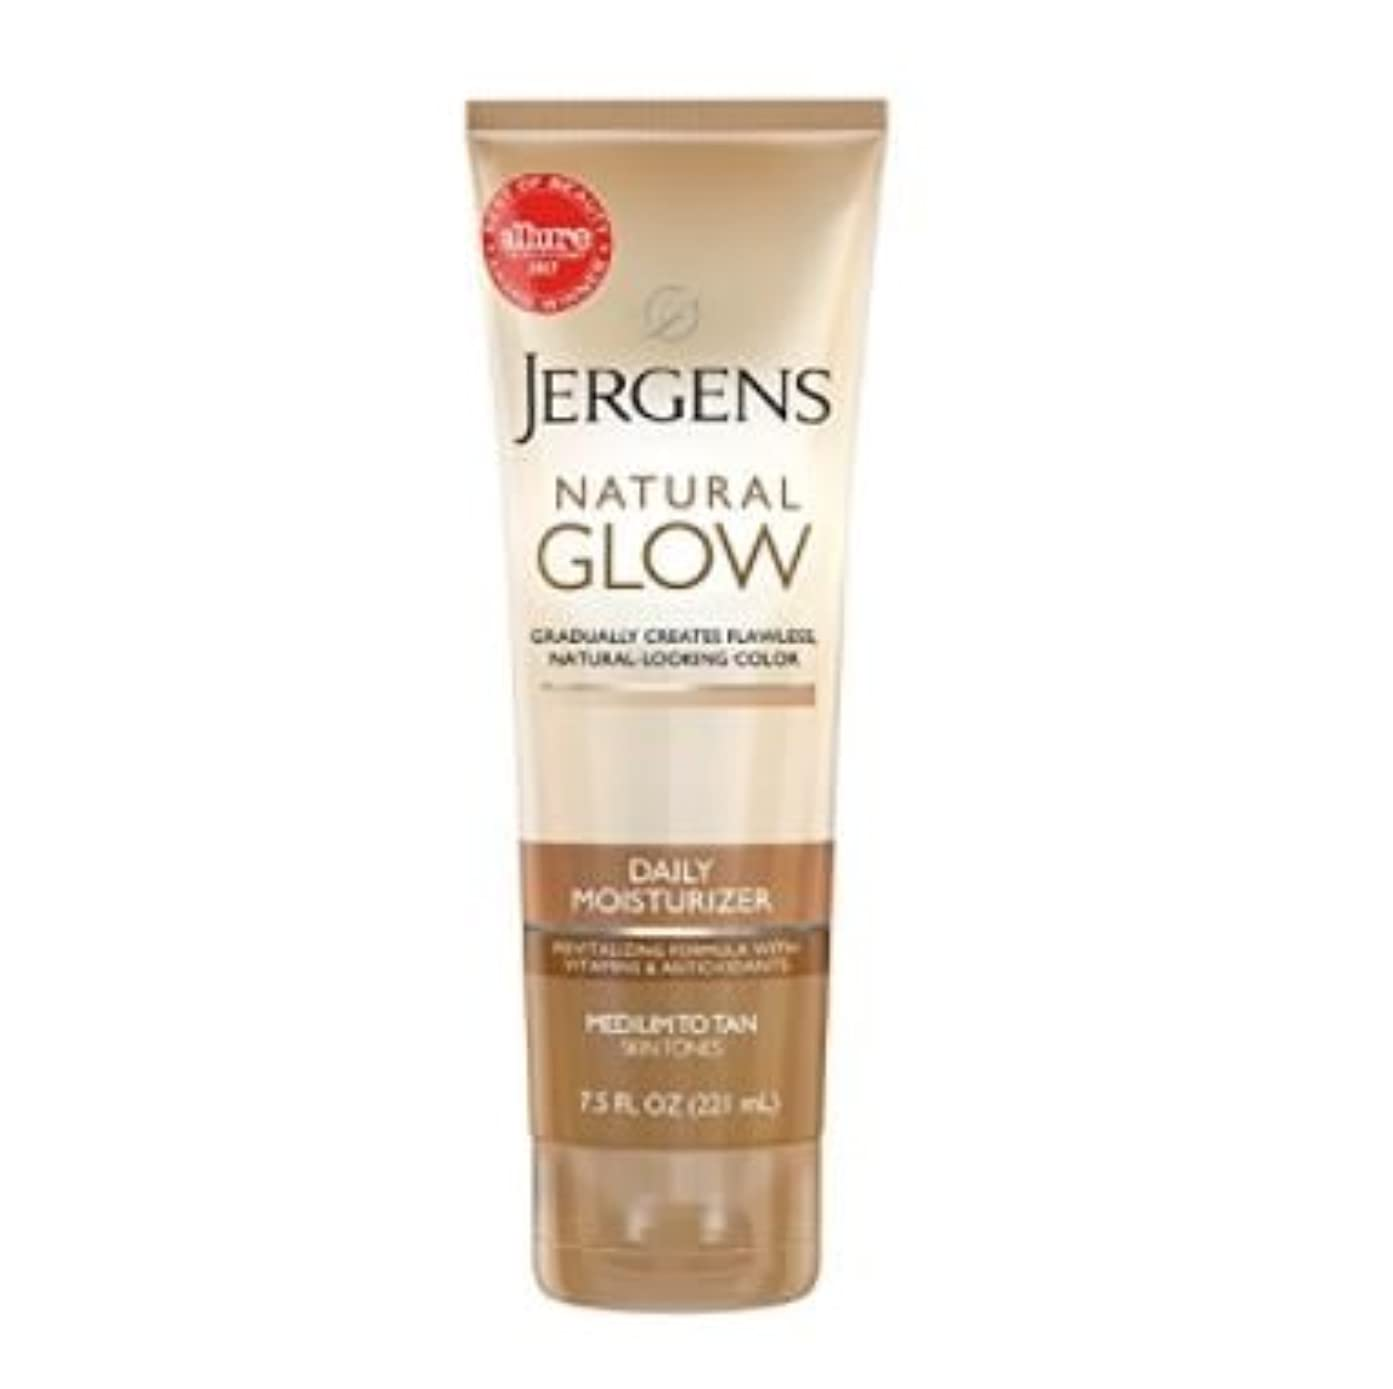 メーカー空港蓮ジャーゲンス【221ml】塗るだけでキレイなブロンズ肌! セルフタンニングローション Jergens Natural Glow ジャーゲンズ (Medium/Tan 普通肌の方用)